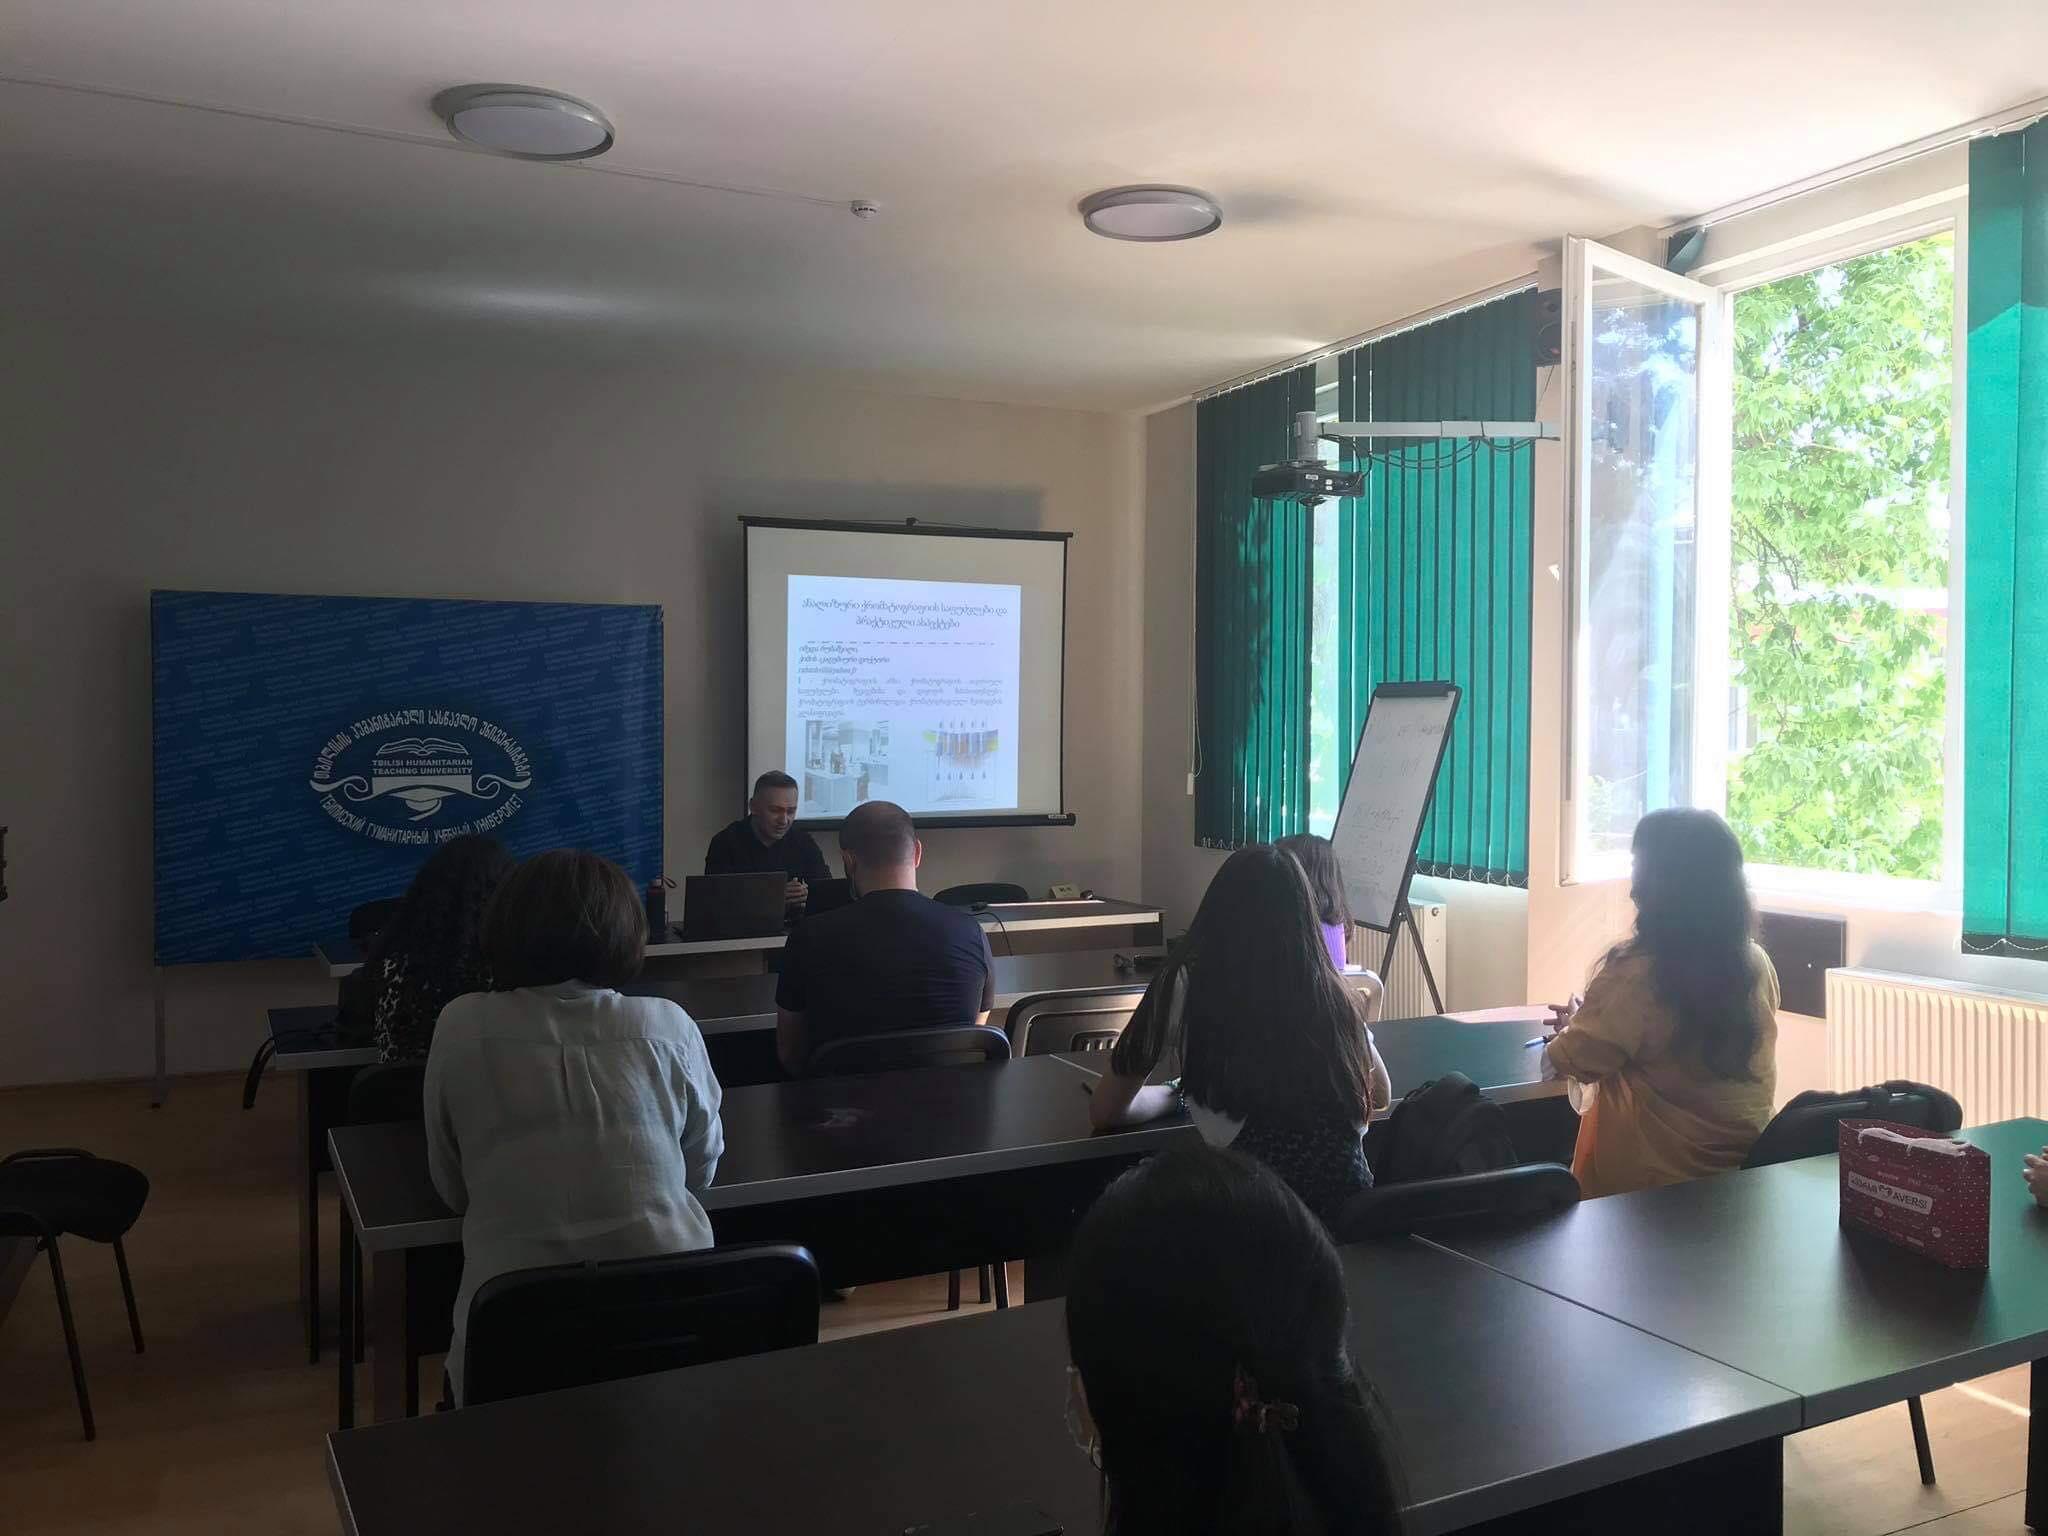 2021 წლის 16-17 მაისს თჰუში ჩატარდა ასოც. პროფესორის იმედა რუბაშვილის სემინარი